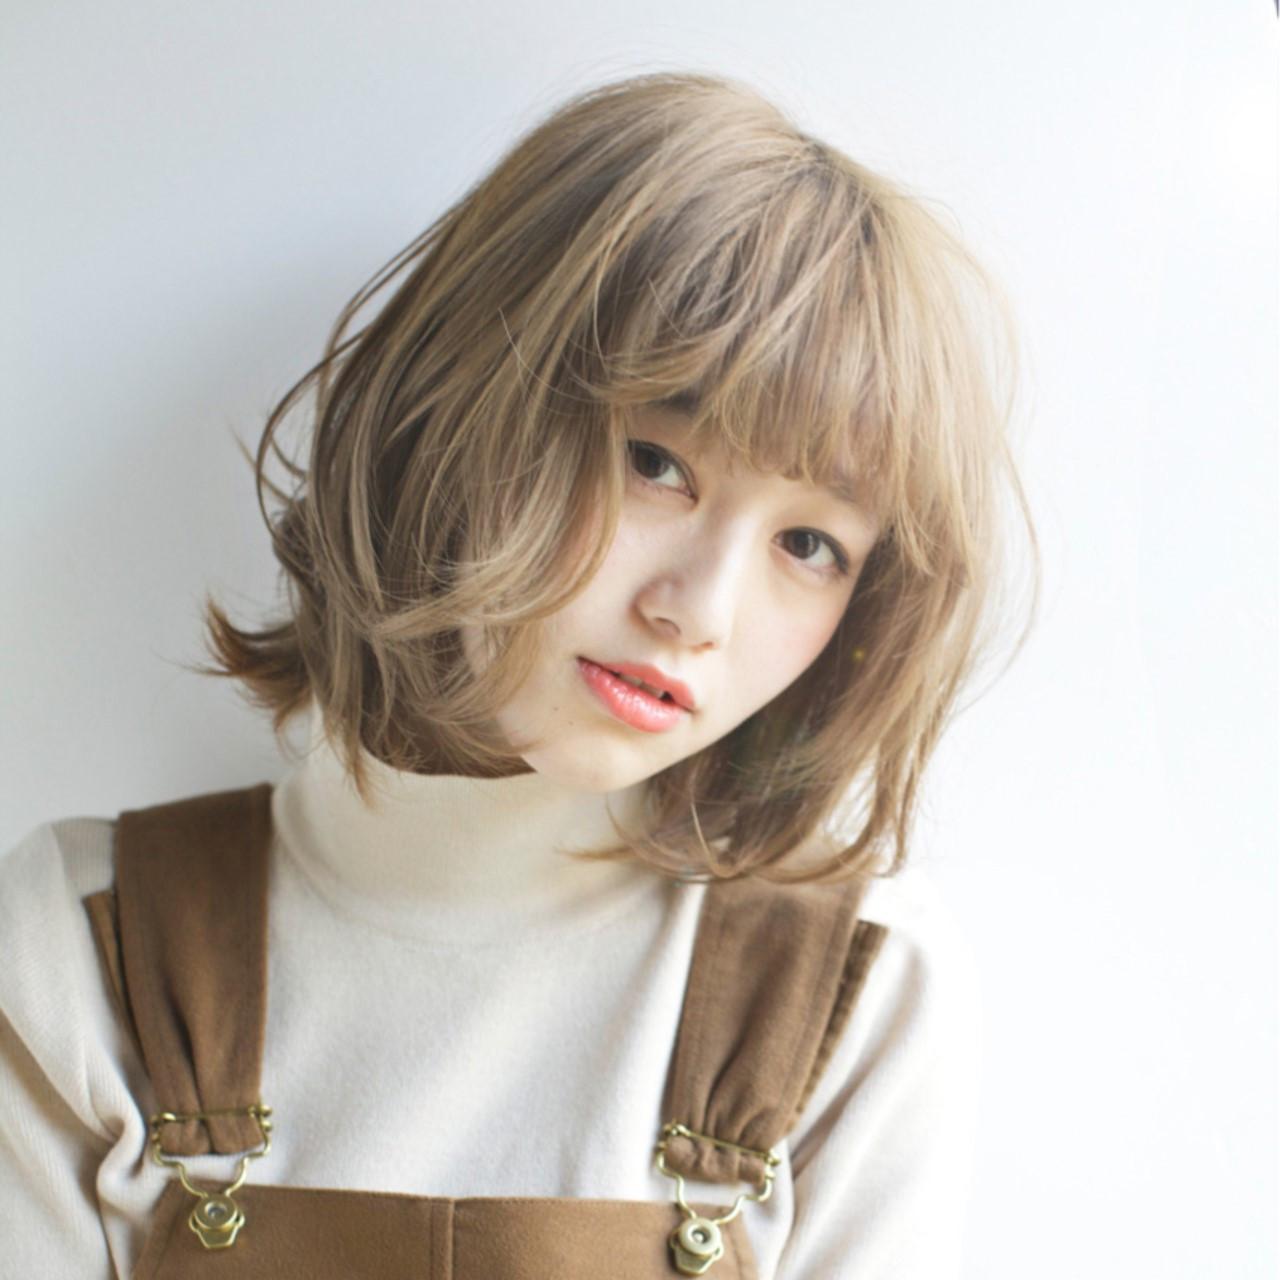 【金髪】憧れブロンドヘアを似合わせる3つの方法&おすすめスタイル10選